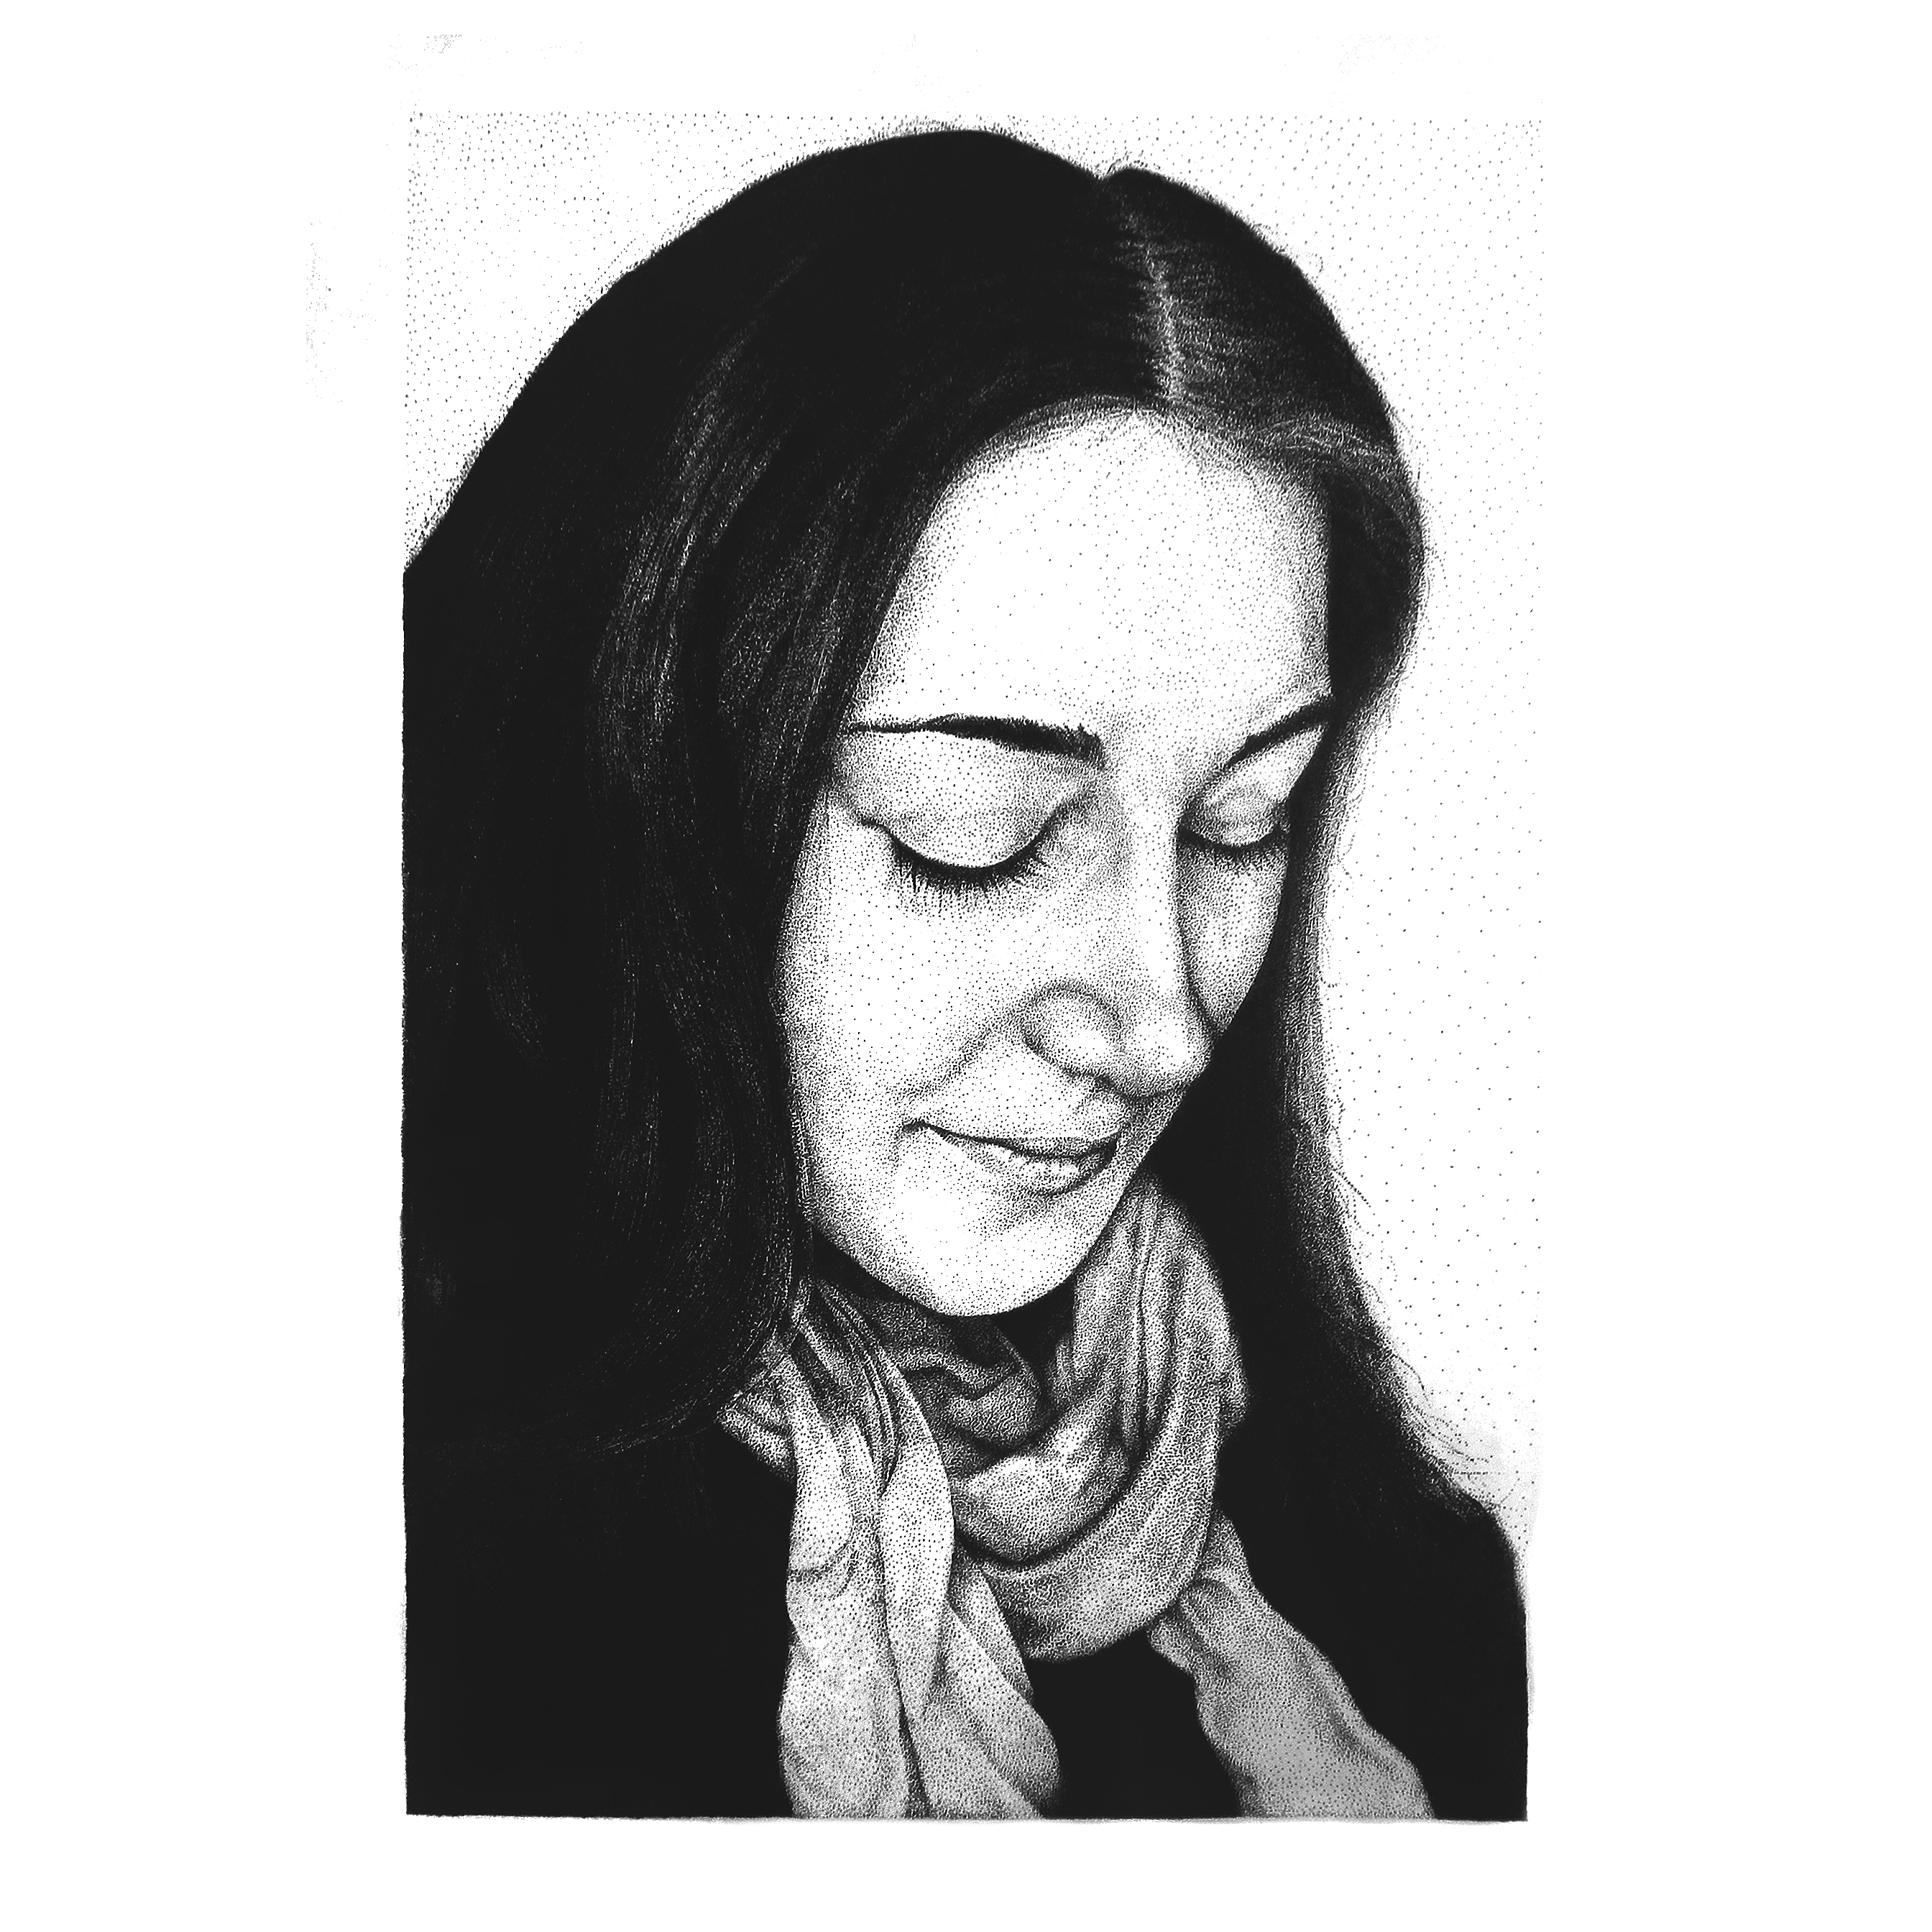 Фото Портрет на А3 в стиле пуантилизм(из мелких точек). 2 месяца работы.